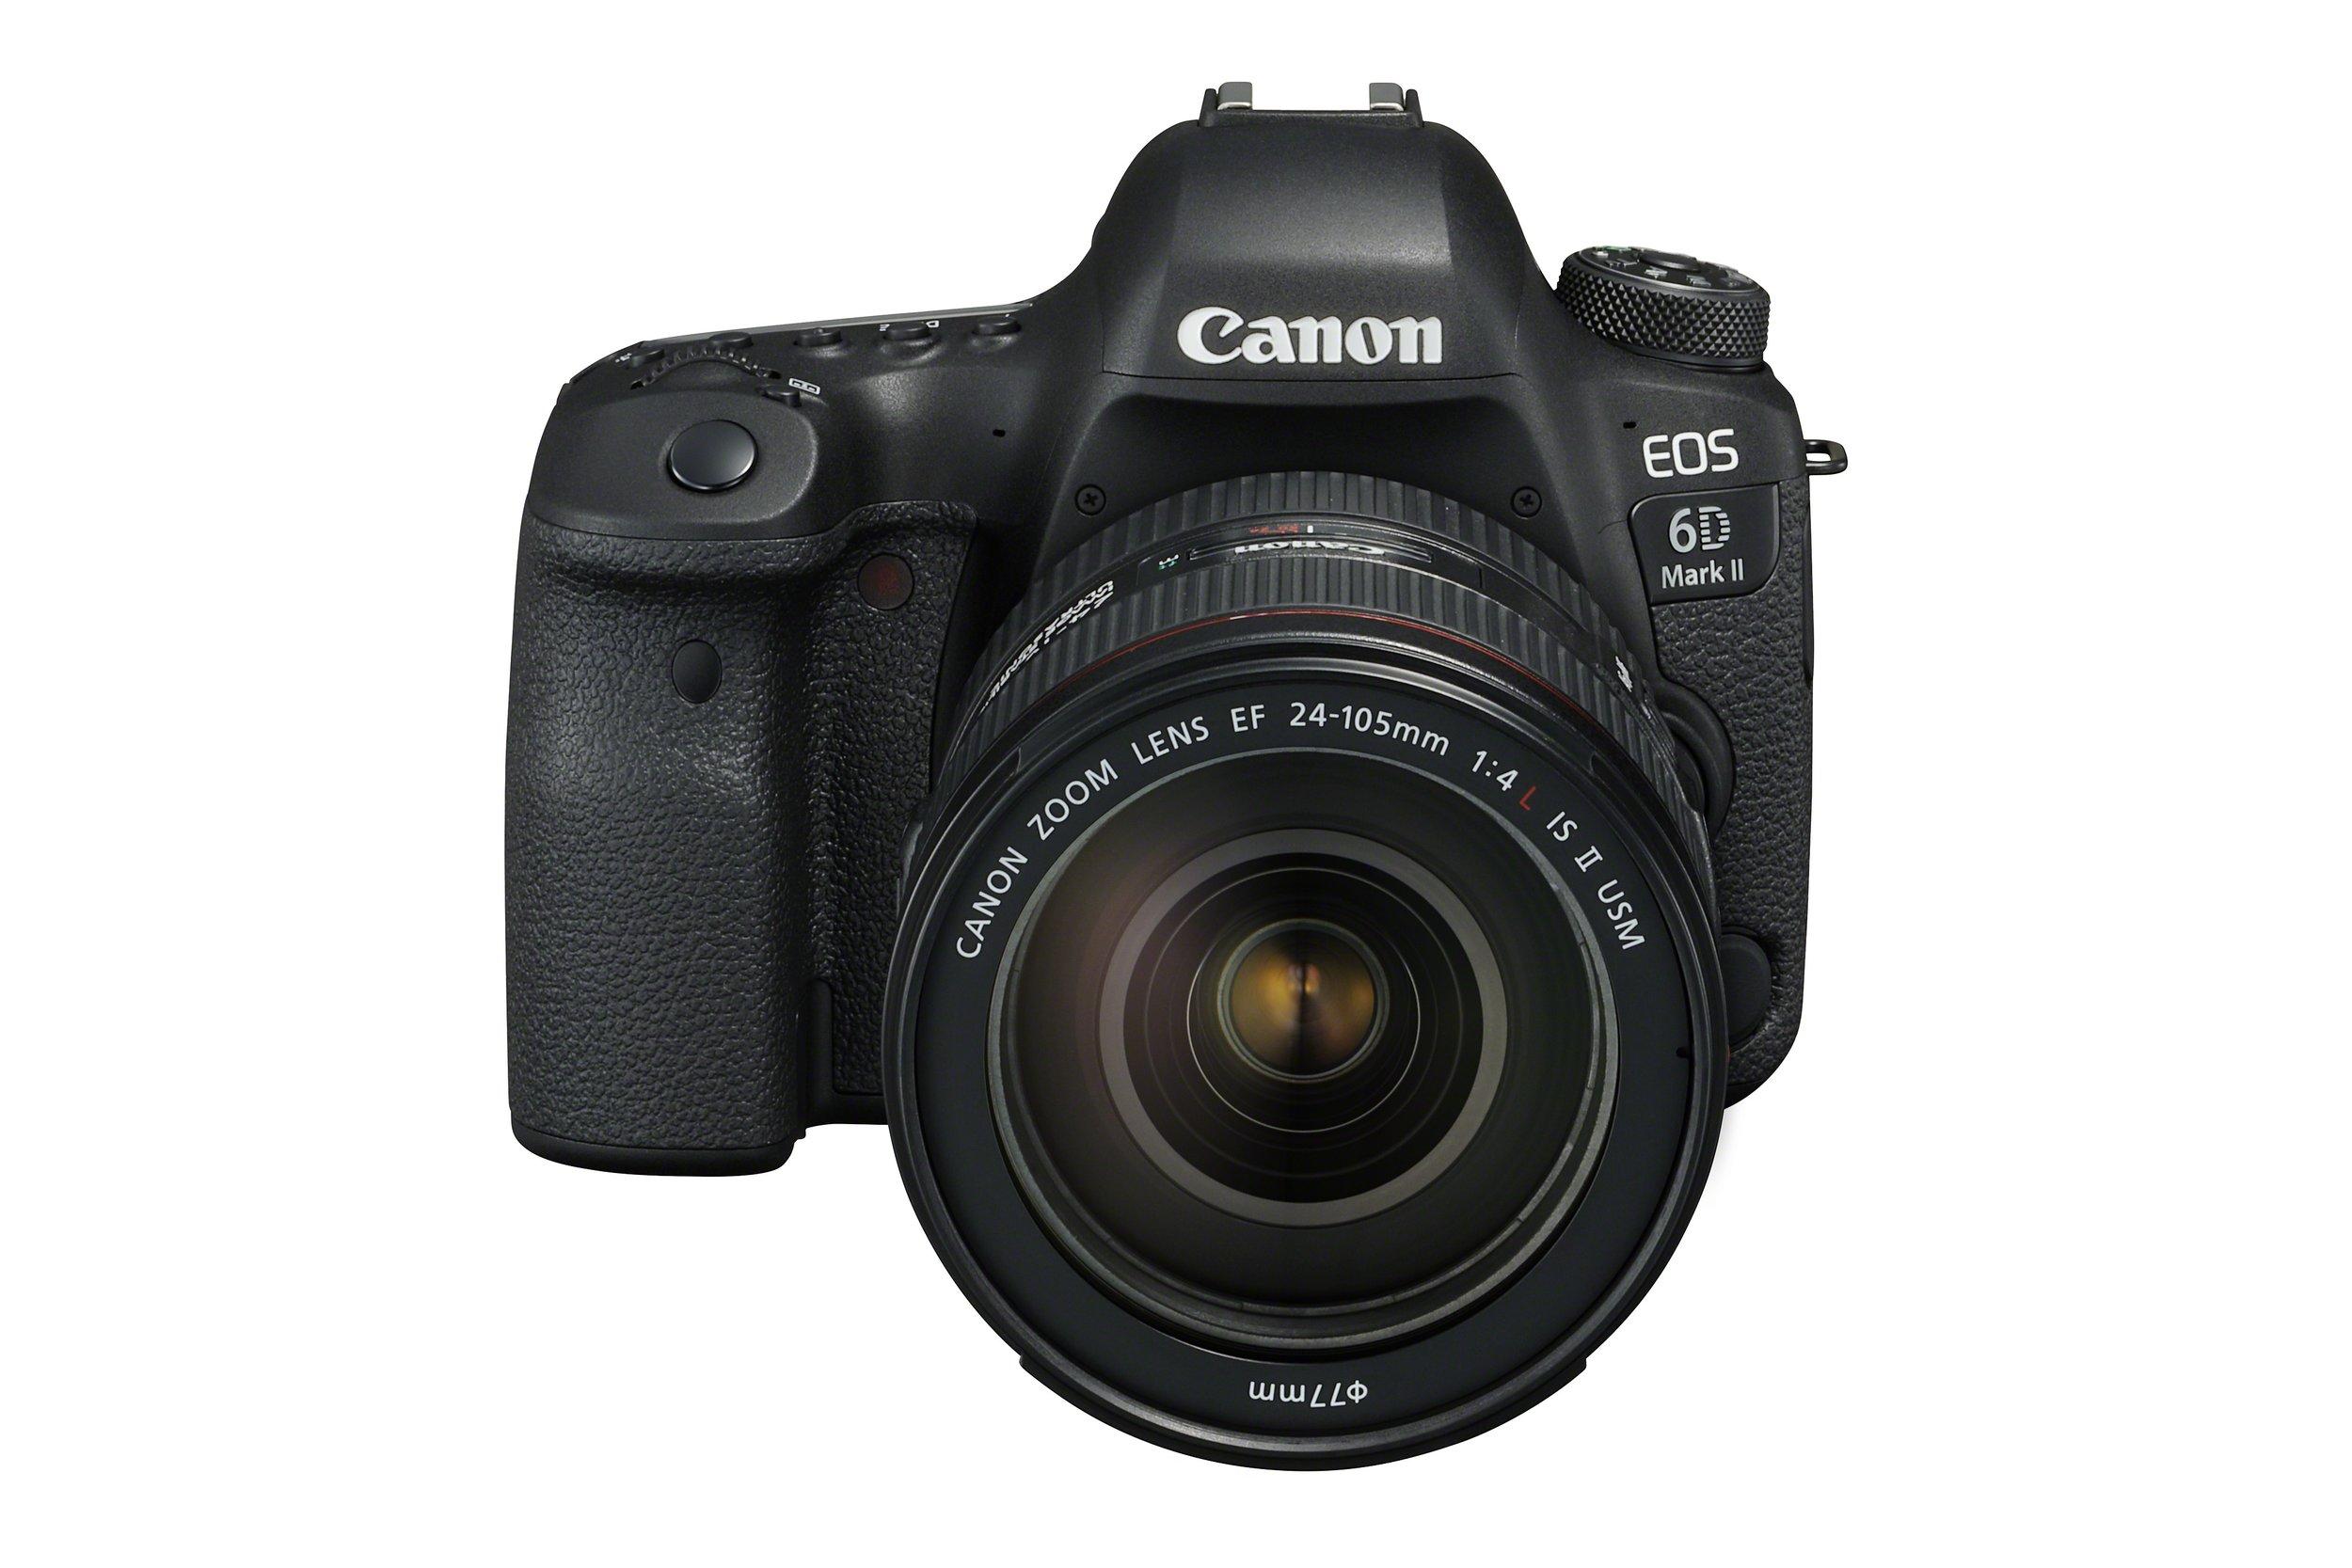 Die Canon 6D Mark II - der lange ersehnte Nachfolger des Originals. So wunderbar mit einigen neuen Features und dennoch so enttäuschend. Hier könnte der Grund für meinen Umstieg auf ein spiegelloses System liegen.  © Canon (www.canon.at)